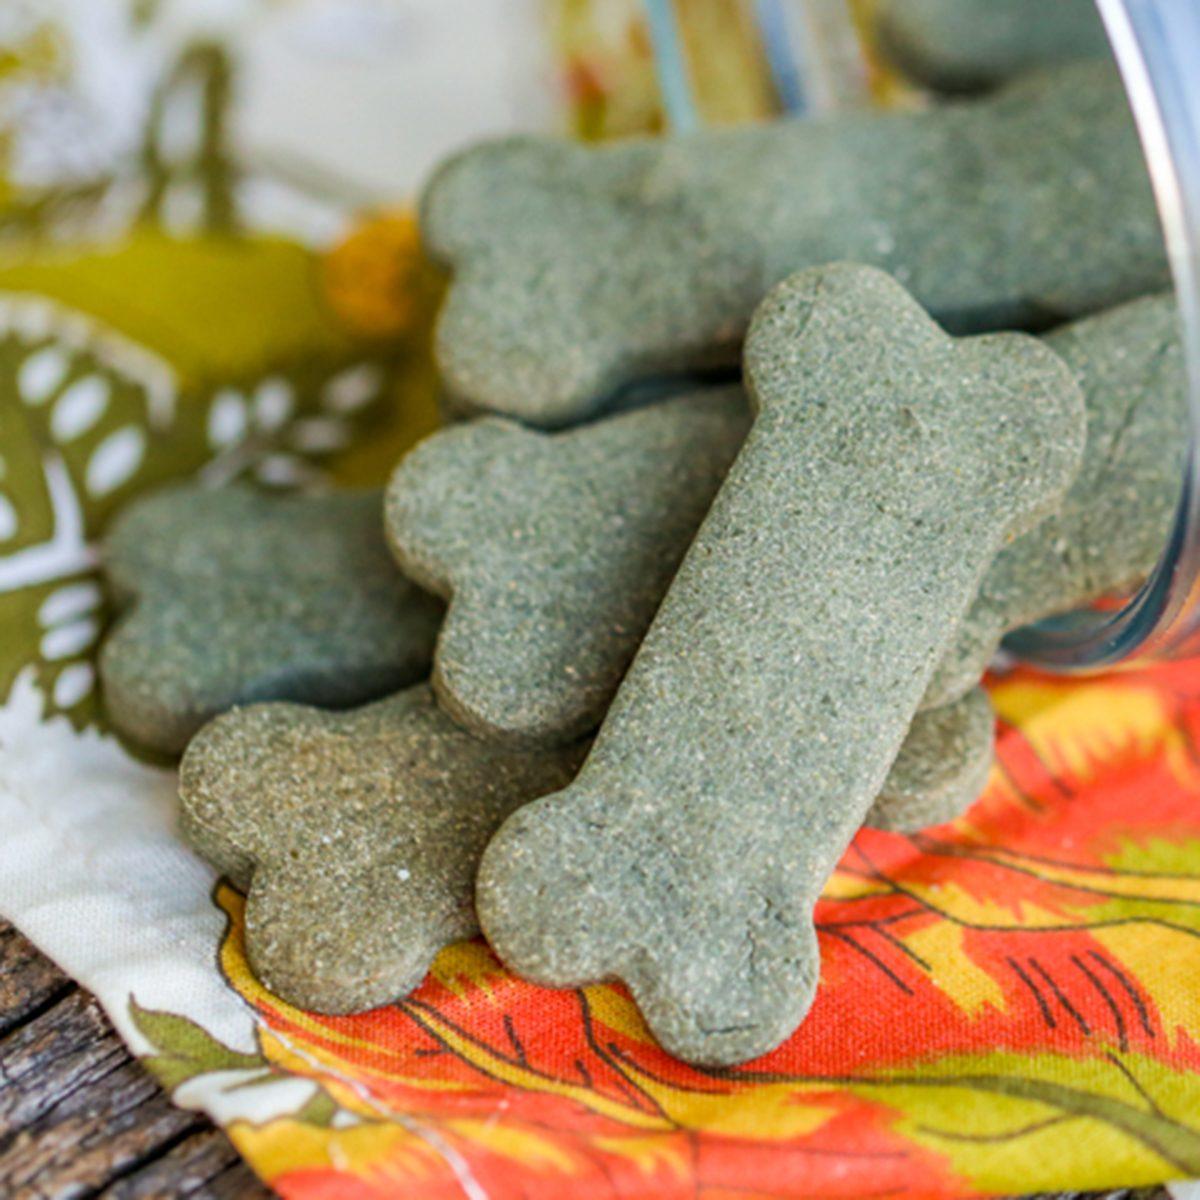 Homemade greenies